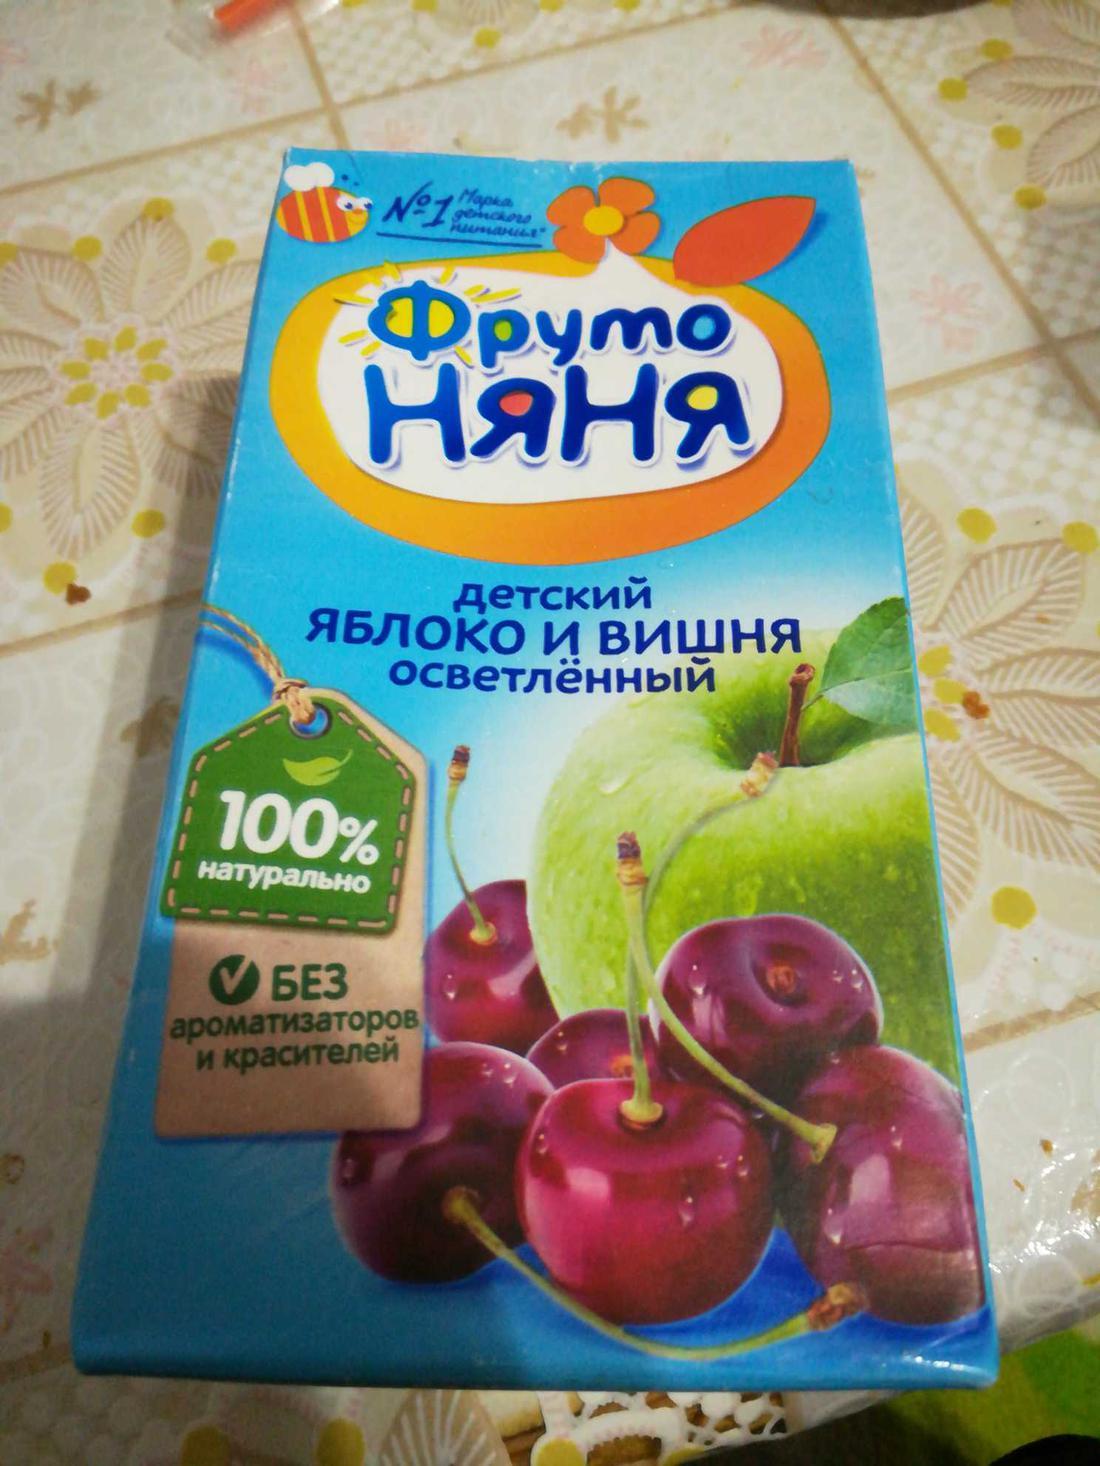 Нектар яблочно-вишневый осветленный для питания детей дошкольного и школьного возраста